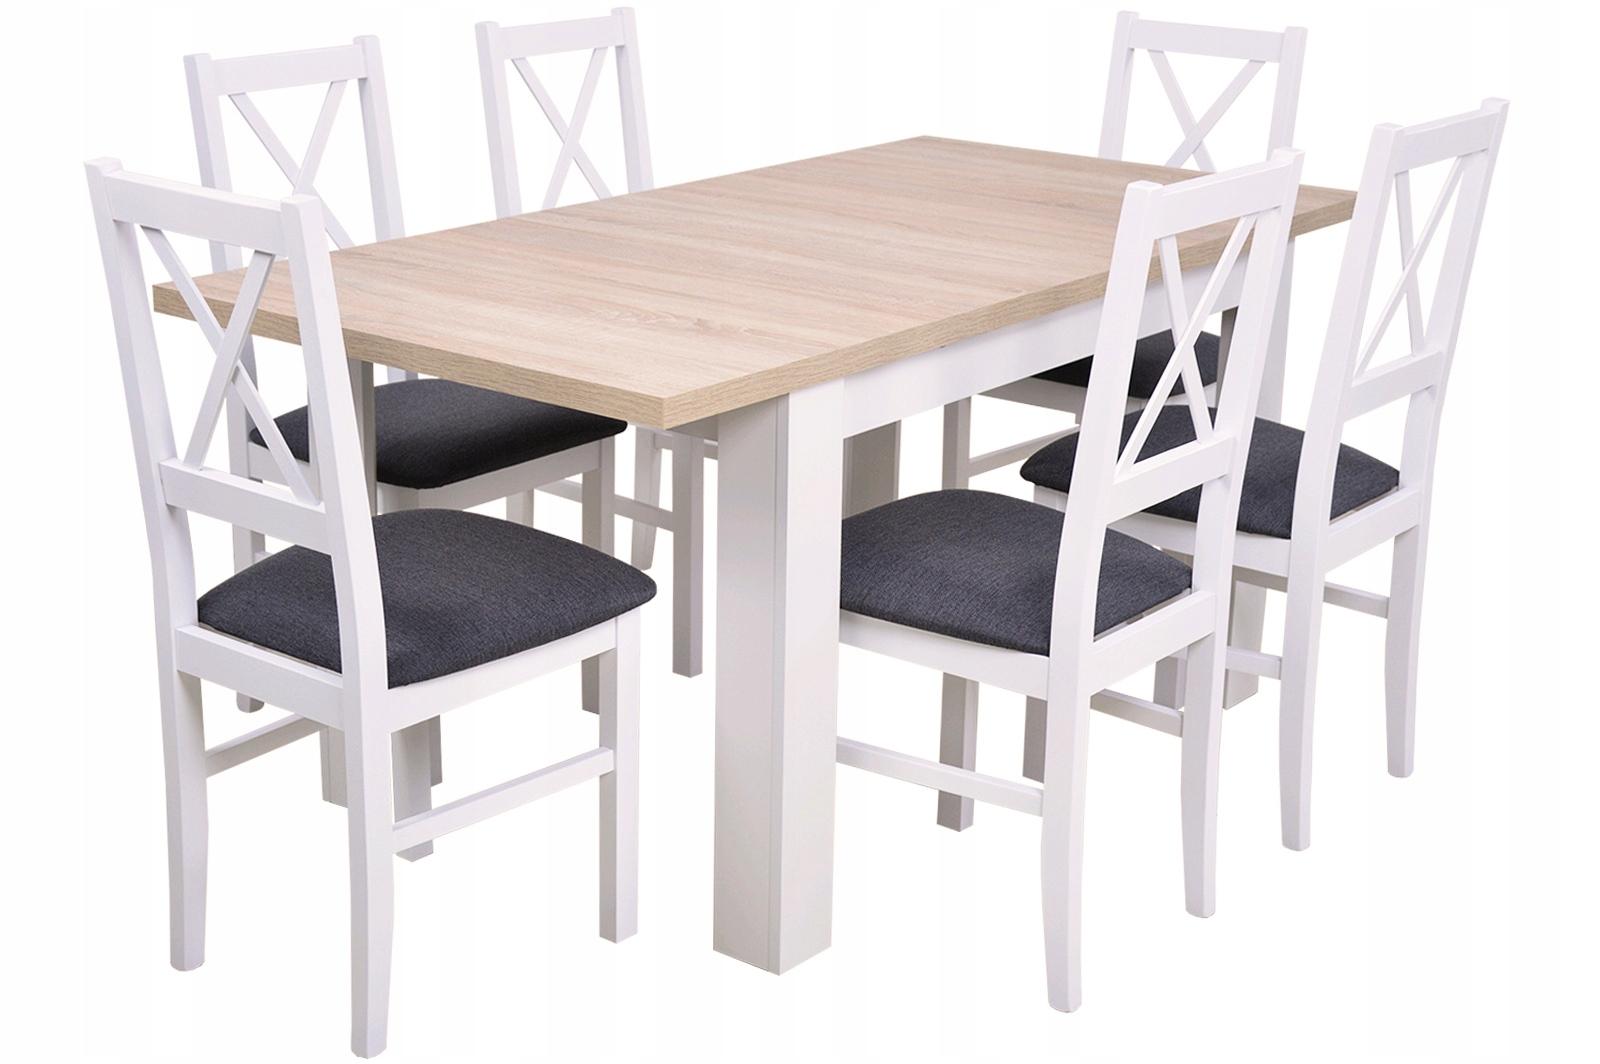 a24b2a3bef63 NASTAVIŤ rozšíriteľný jedálenský stôl a 6 biele STOLIČKY vyrobené z DREVA